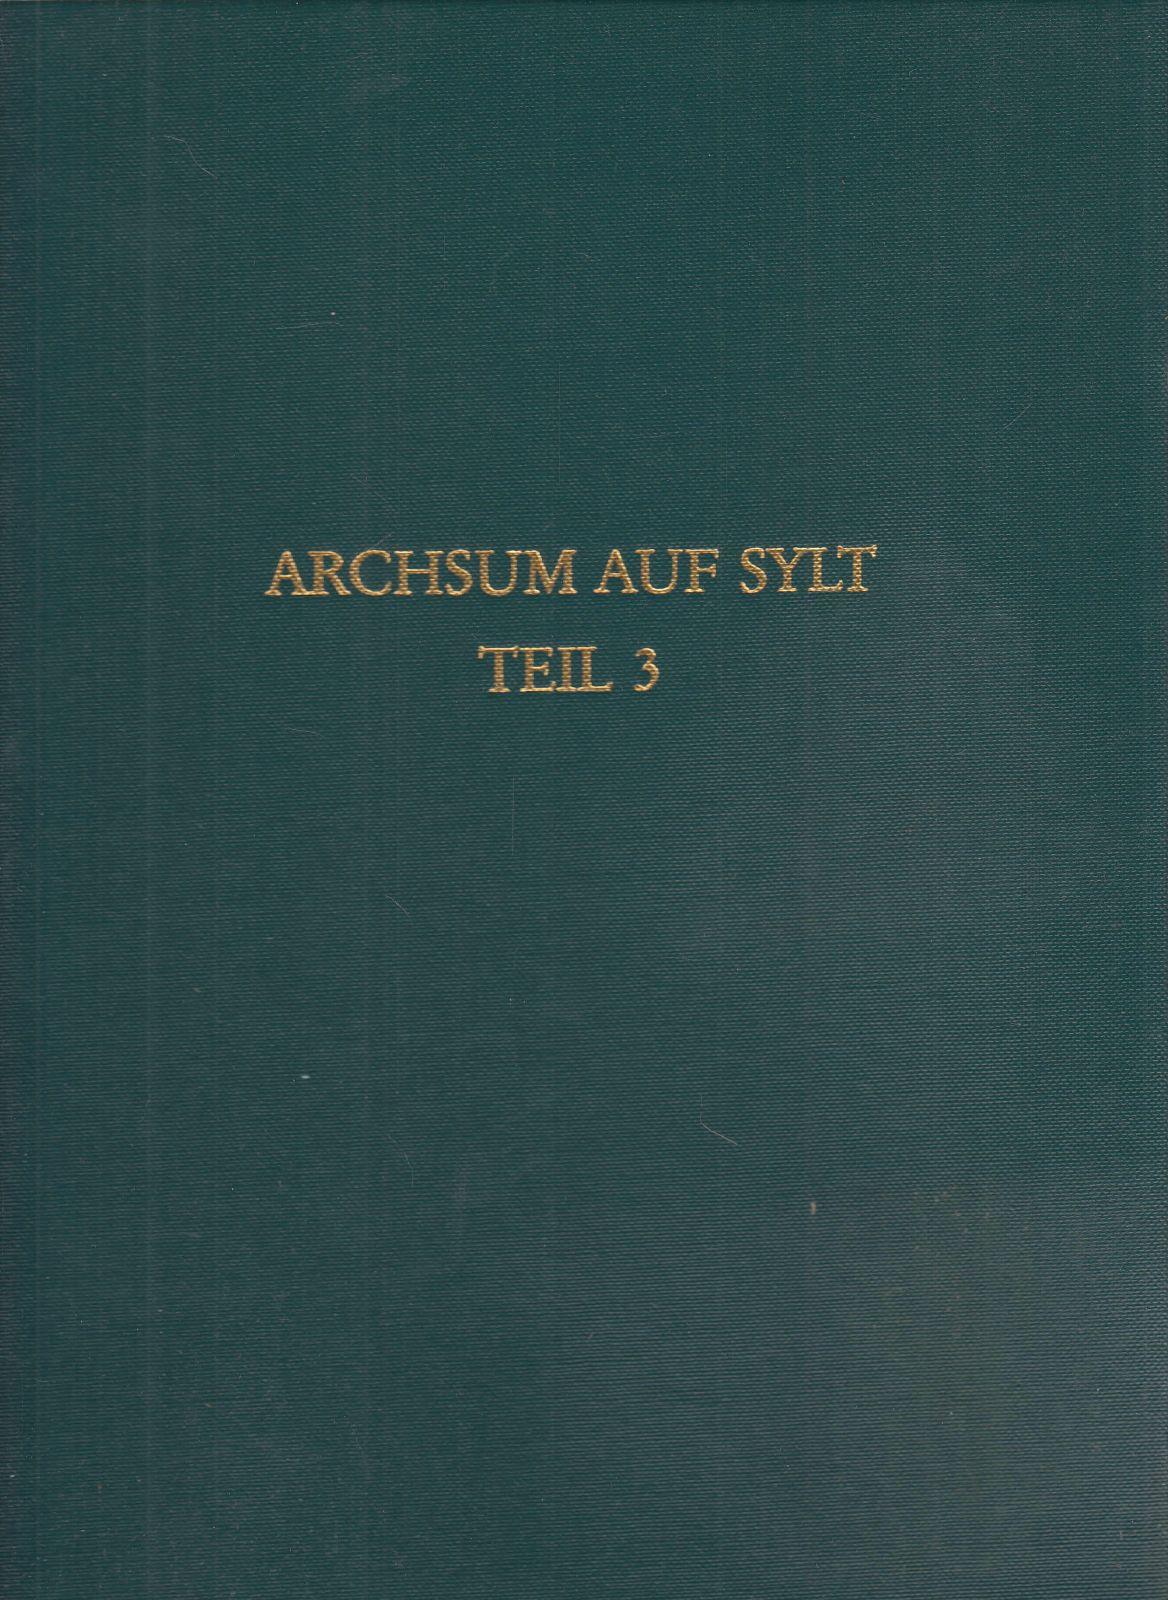 Archsum auf Sylt. Teil 3: Die Ausgrabungen: Harck, Ole: